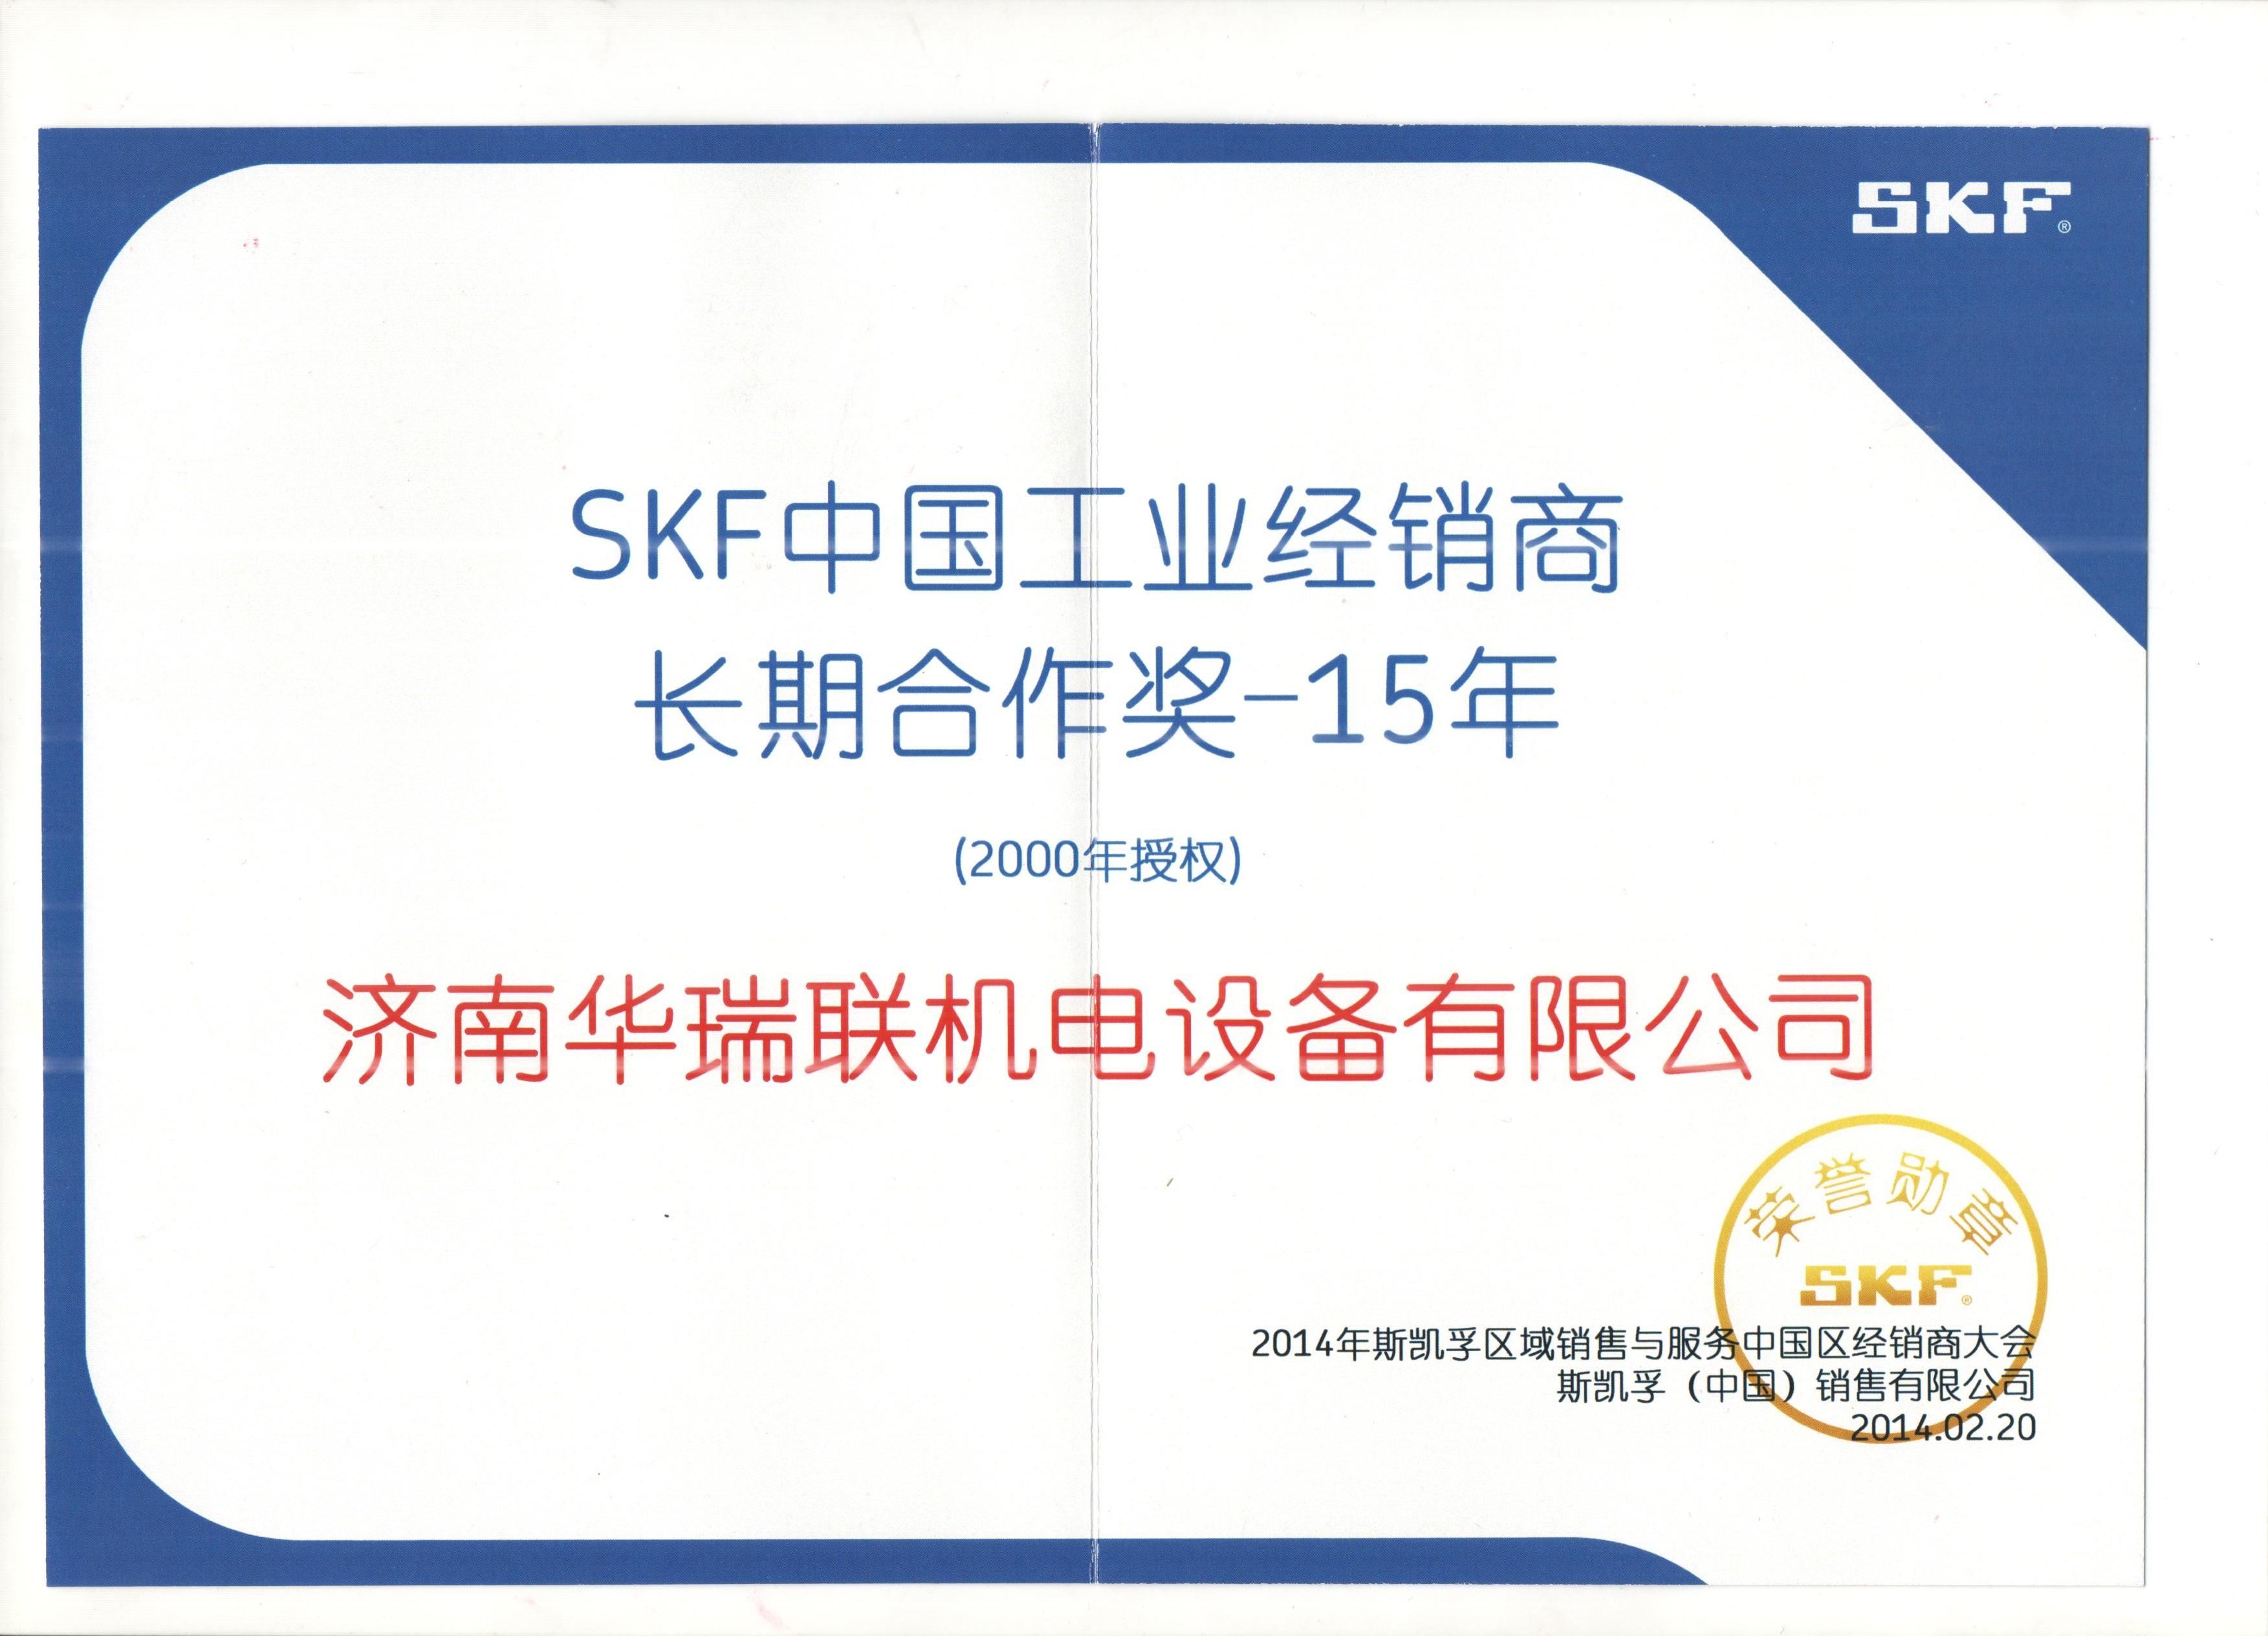 SKF15年合作奖